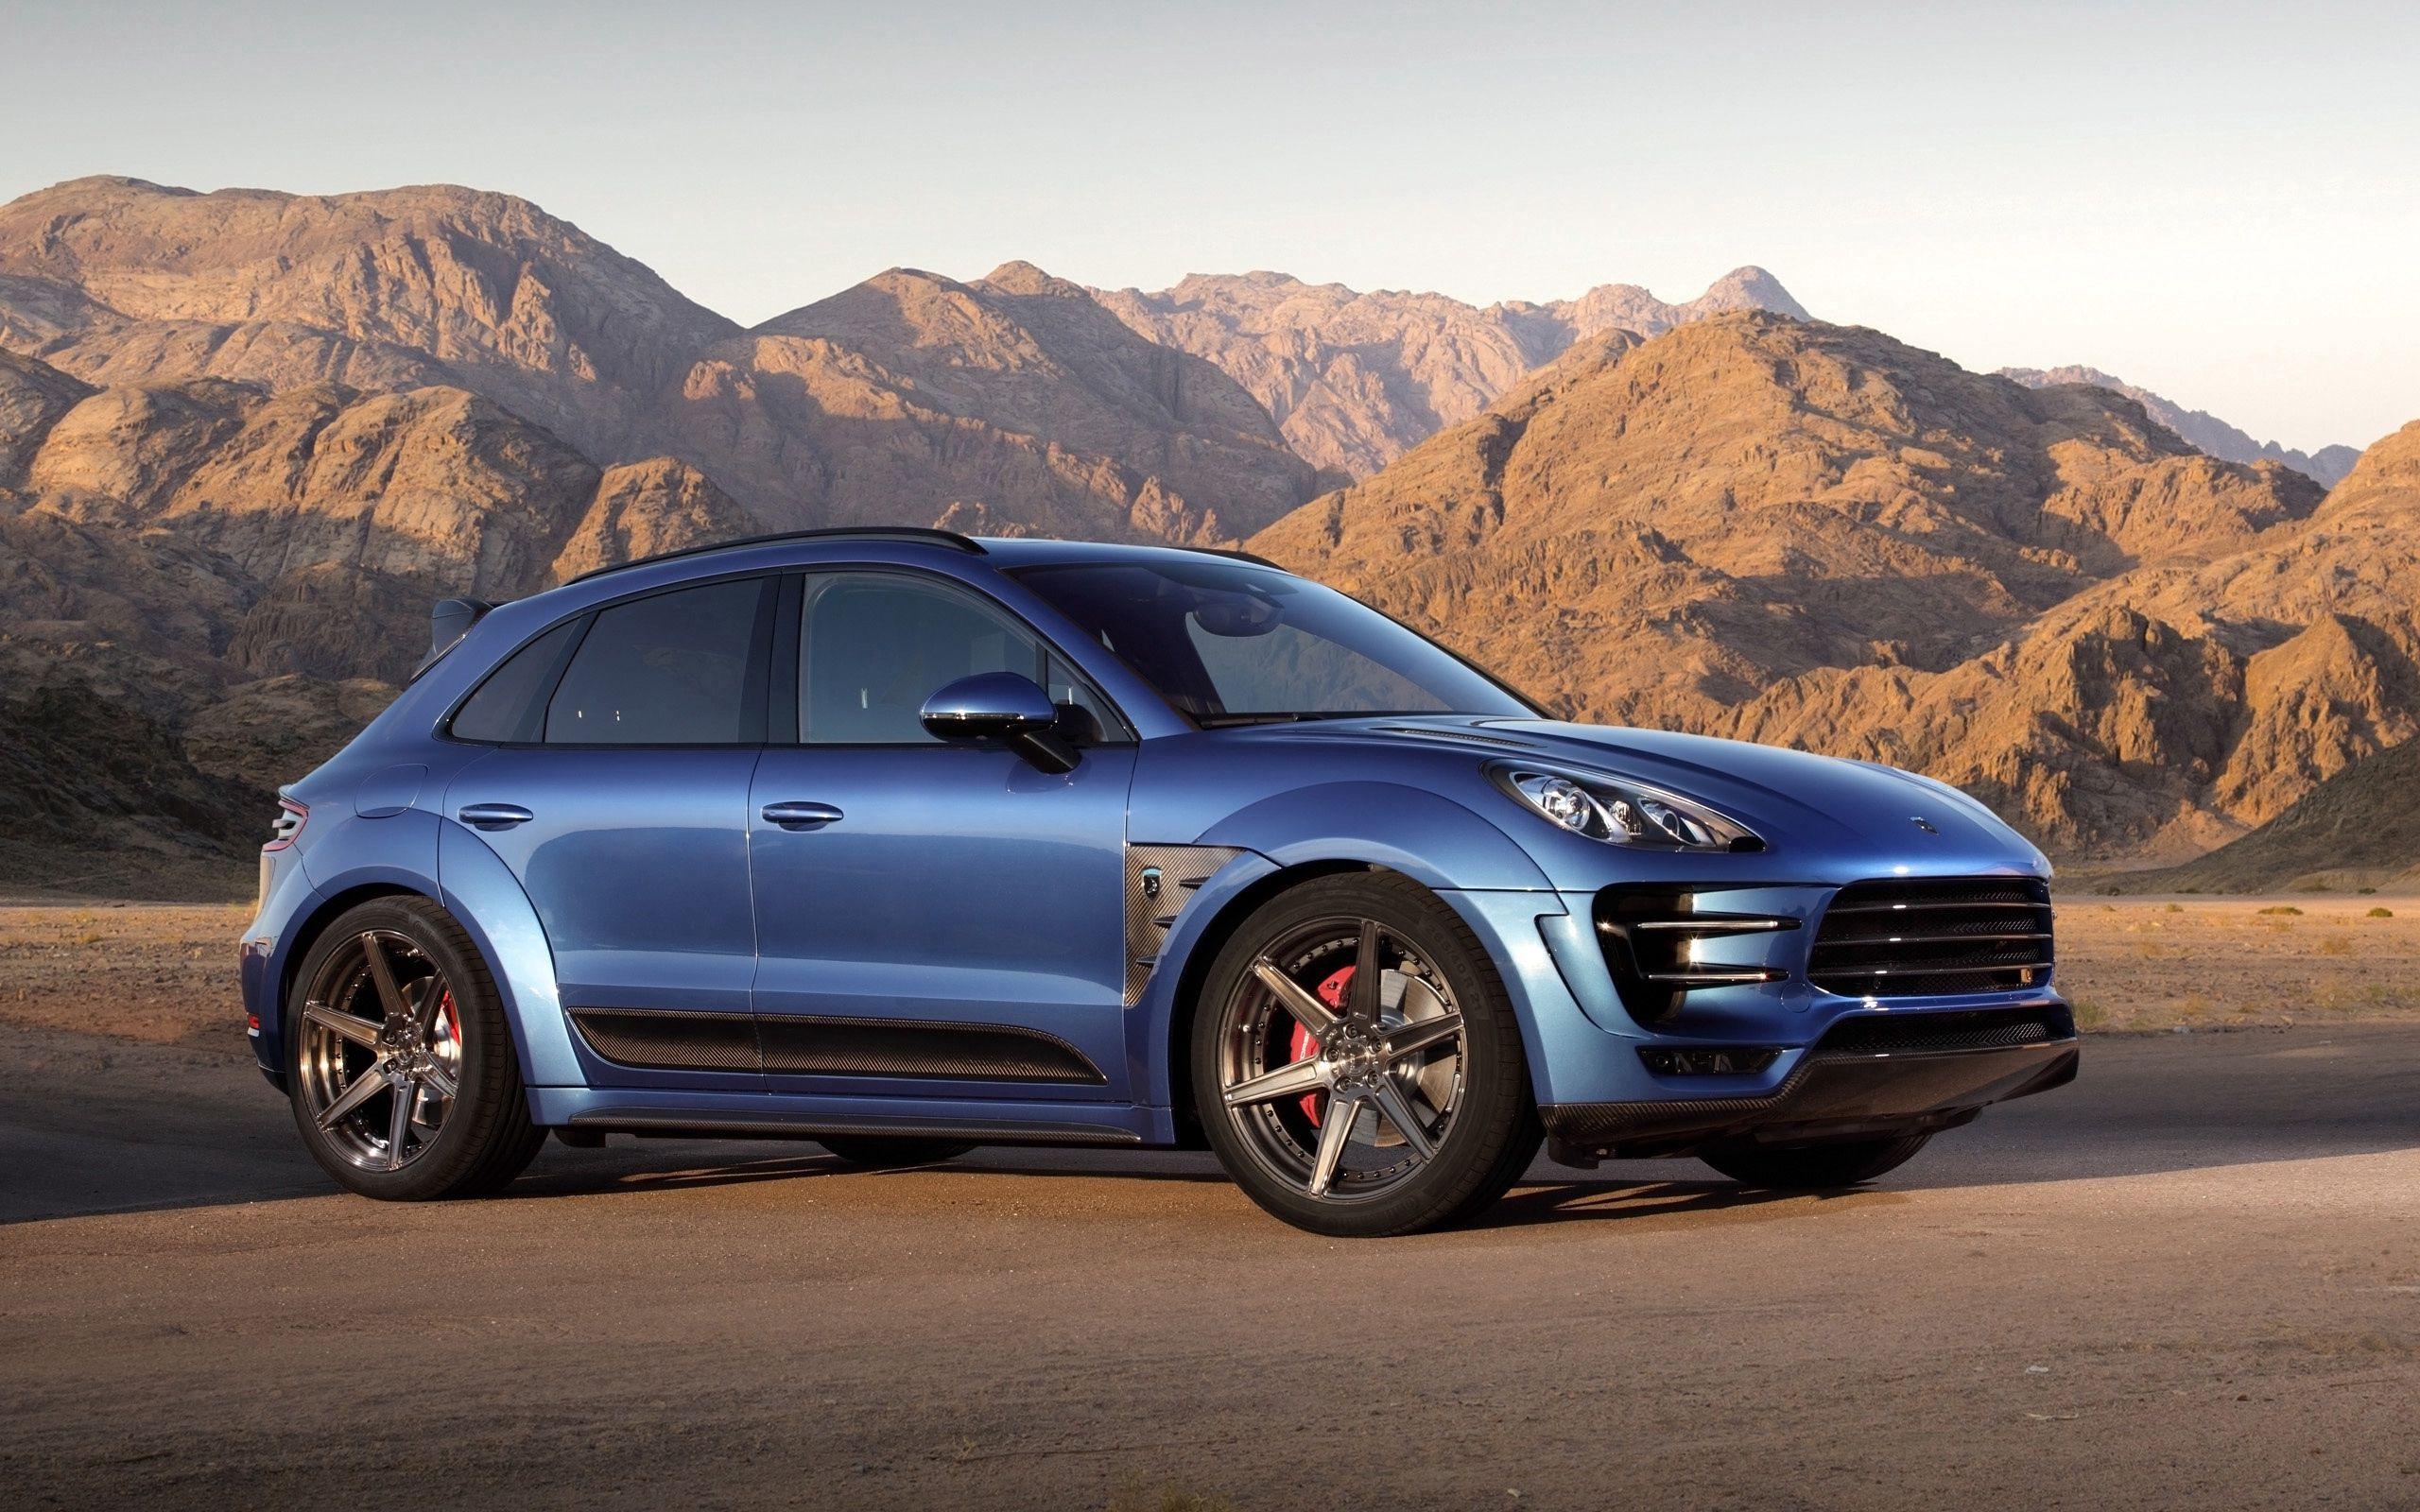 53518 Заставки и Обои Порш (Porsche) на телефон. Скачать Синий, Порш (Porsche), Тачки (Cars), Вид Сбоку, Macan, Ursa картинки бесплатно